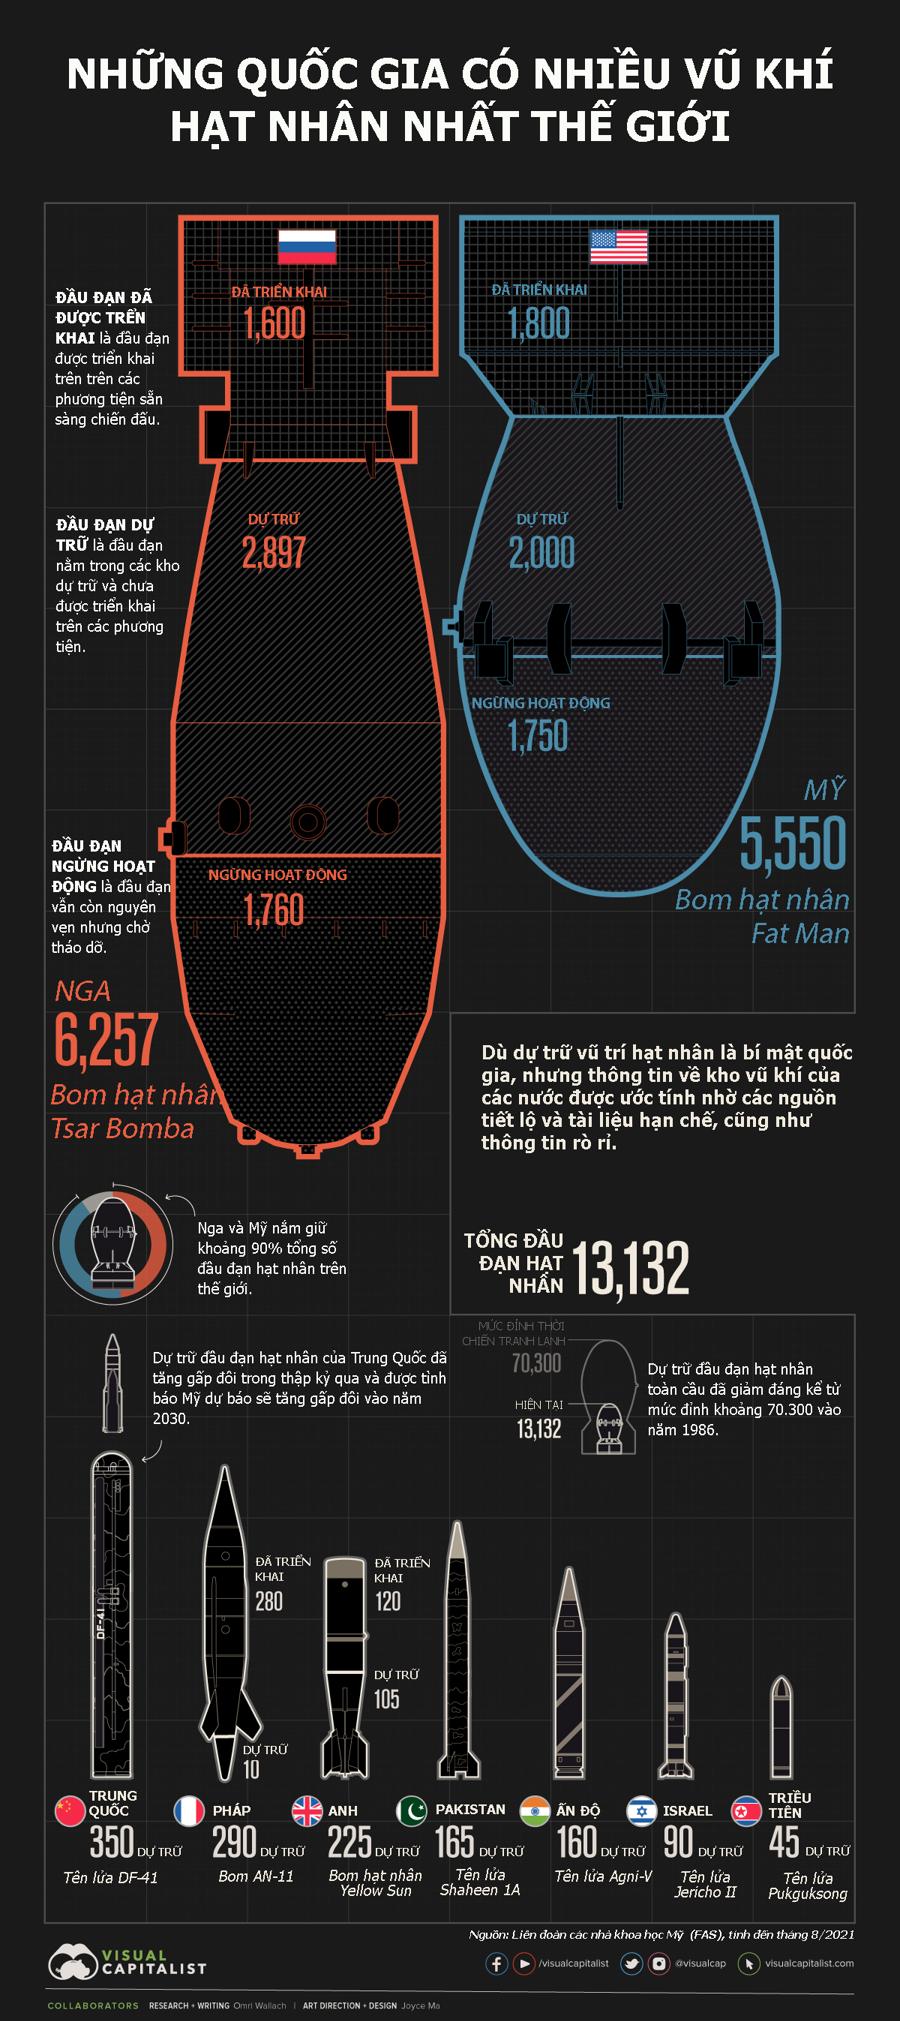 Những quốc gia nào có nhiều vũ khí hạt nhân nhất thế giới? - Ảnh 1